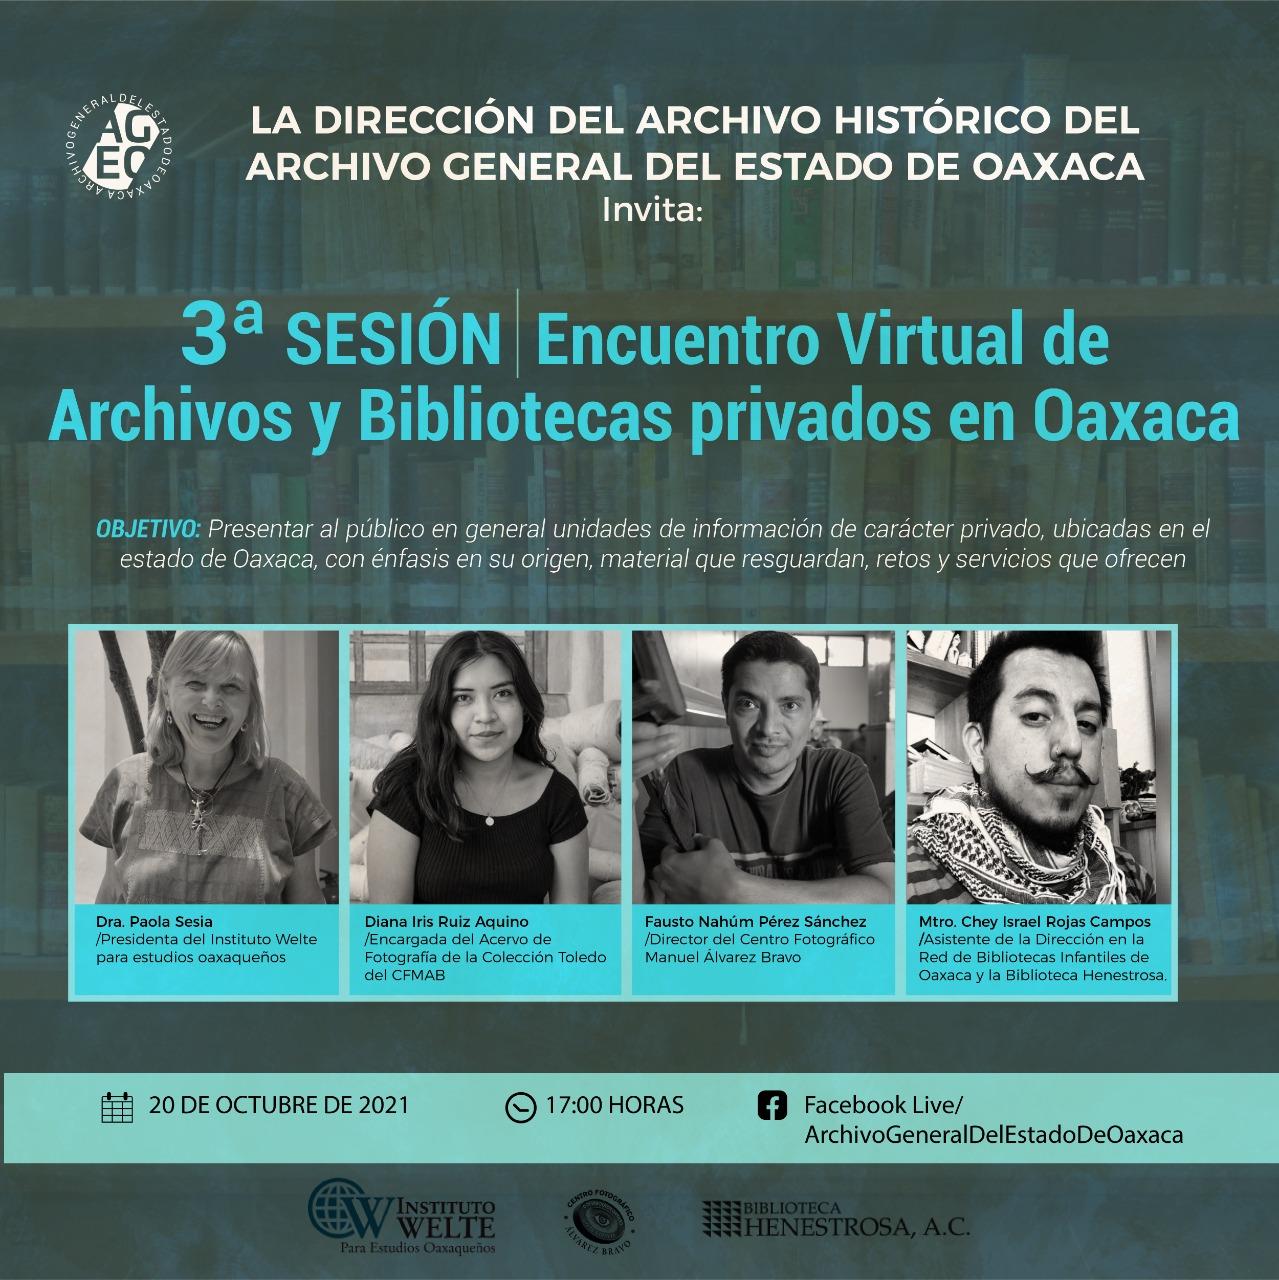 Encuentro virtual de Archivos y Bibliotecas privados en Oaxaca